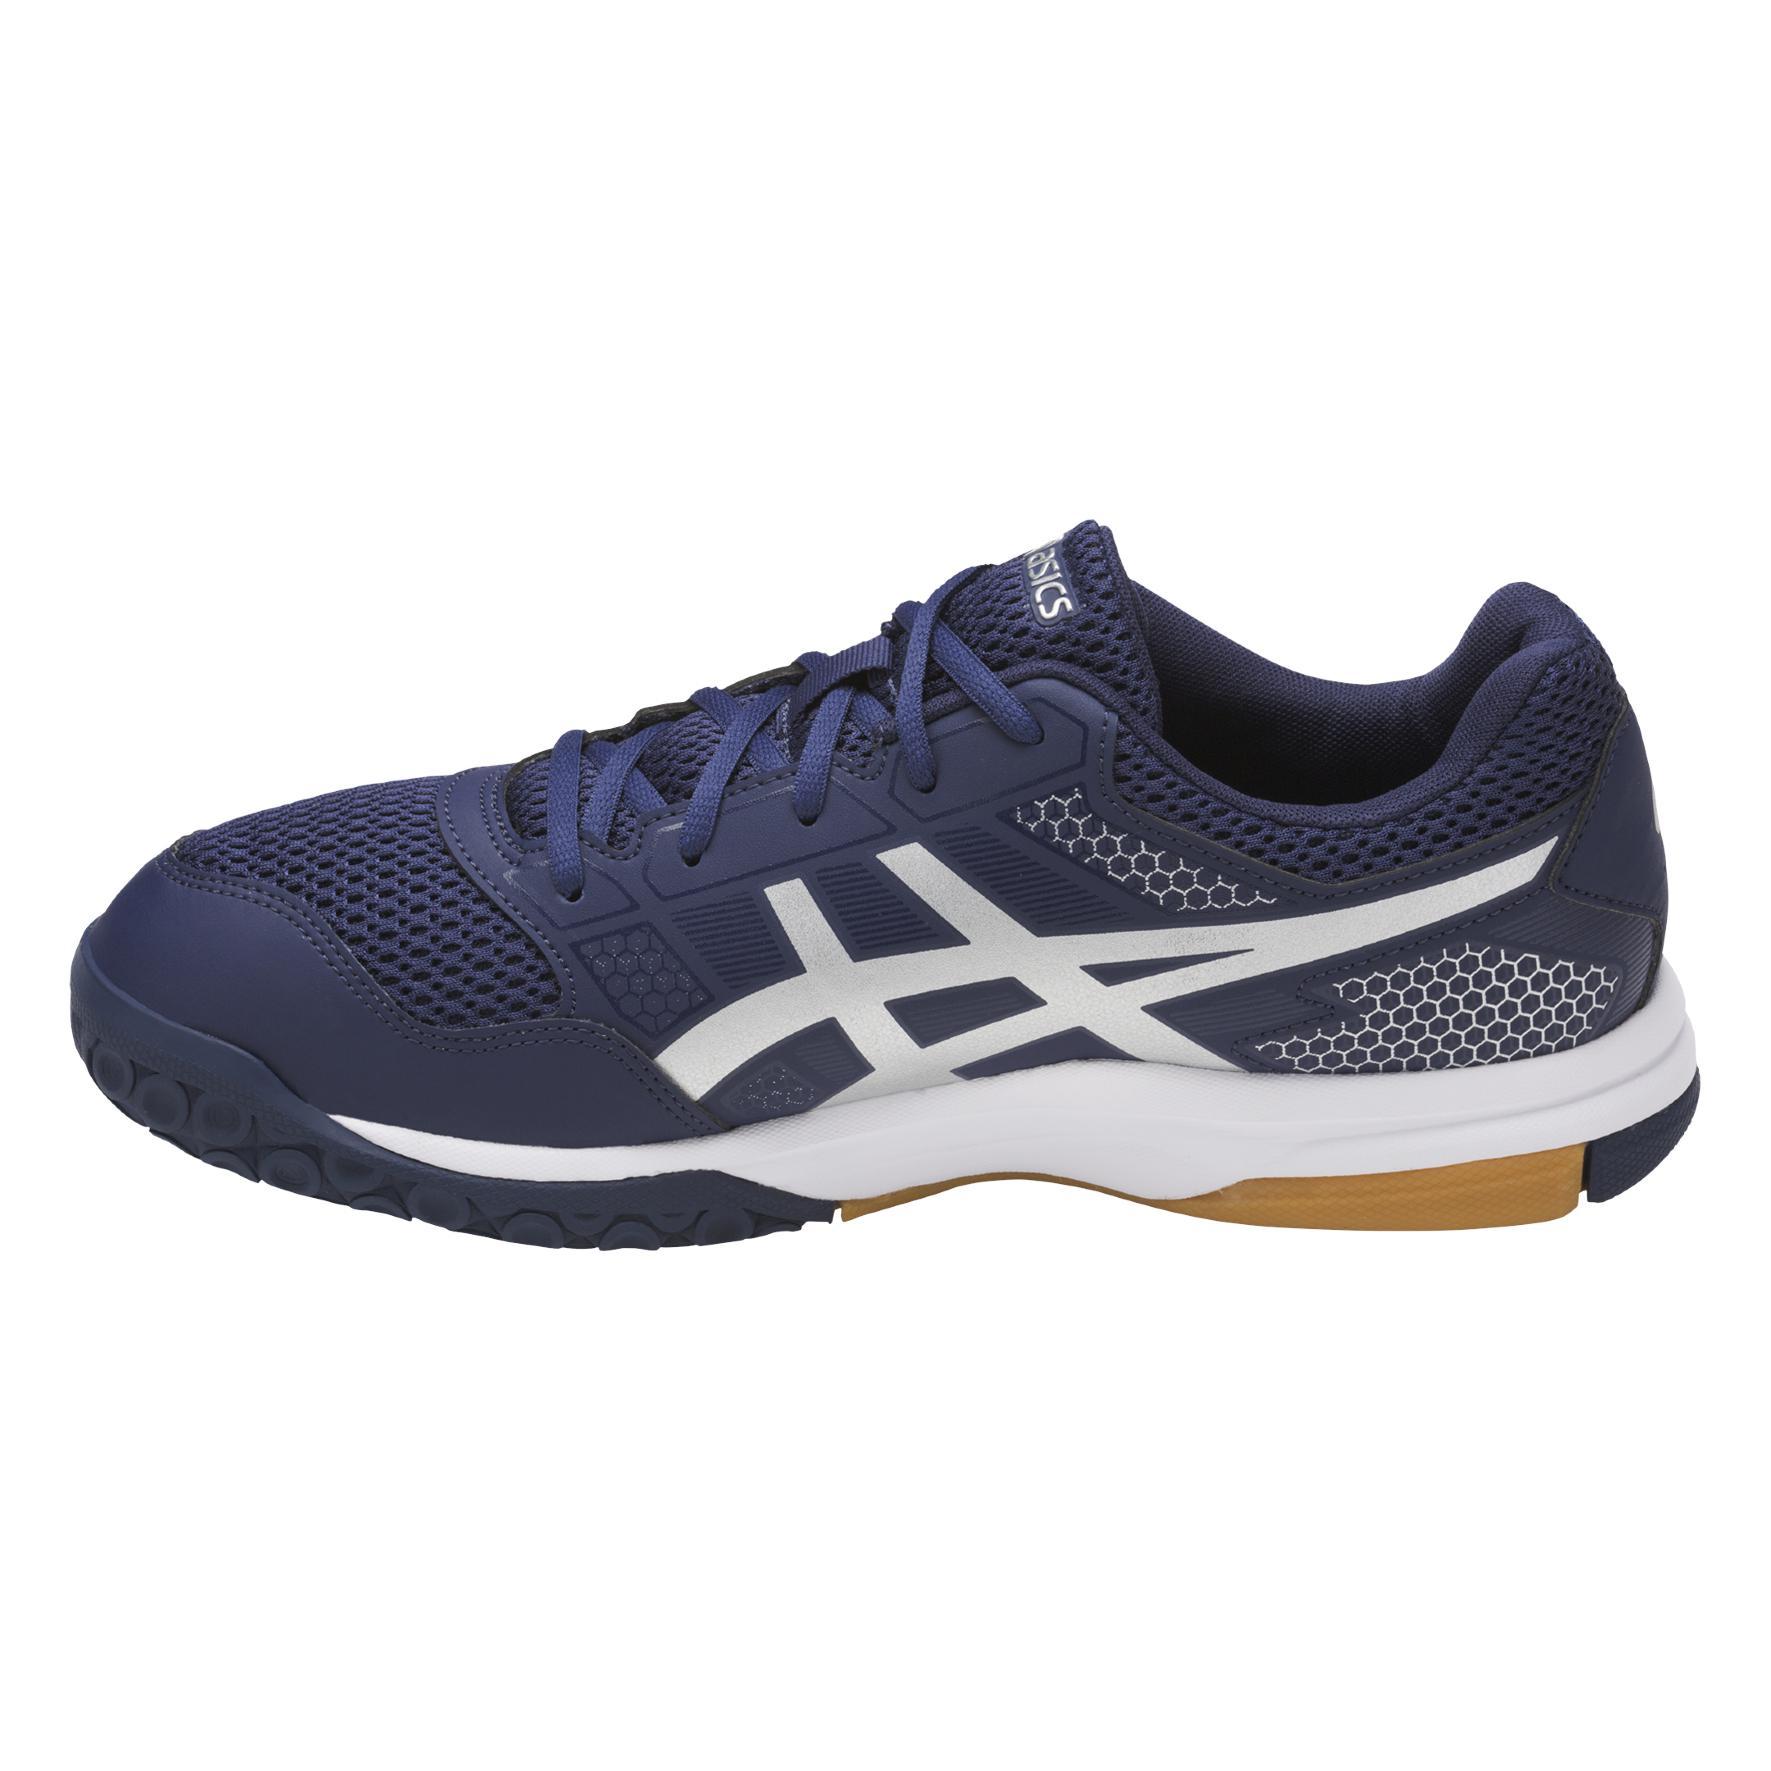 Asics Squash Shoes Uk